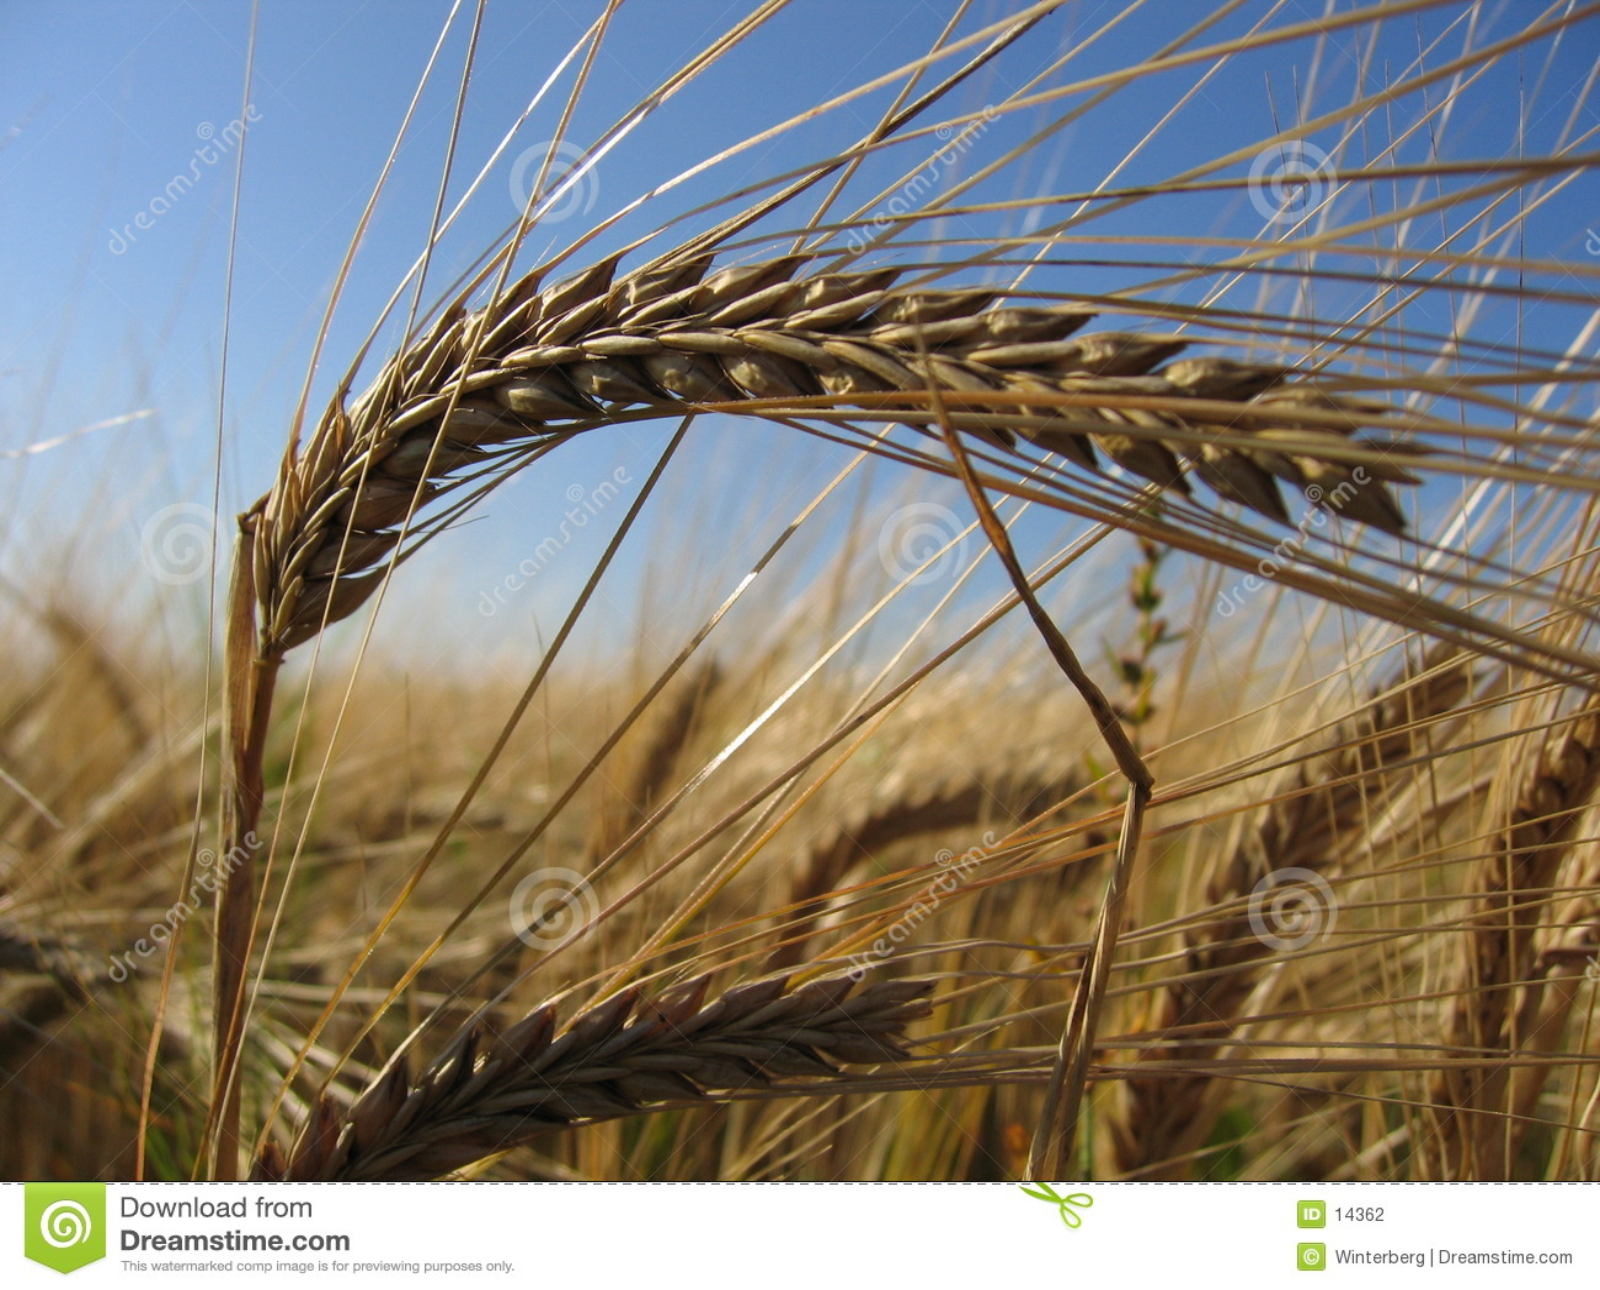 Wheat Spike II